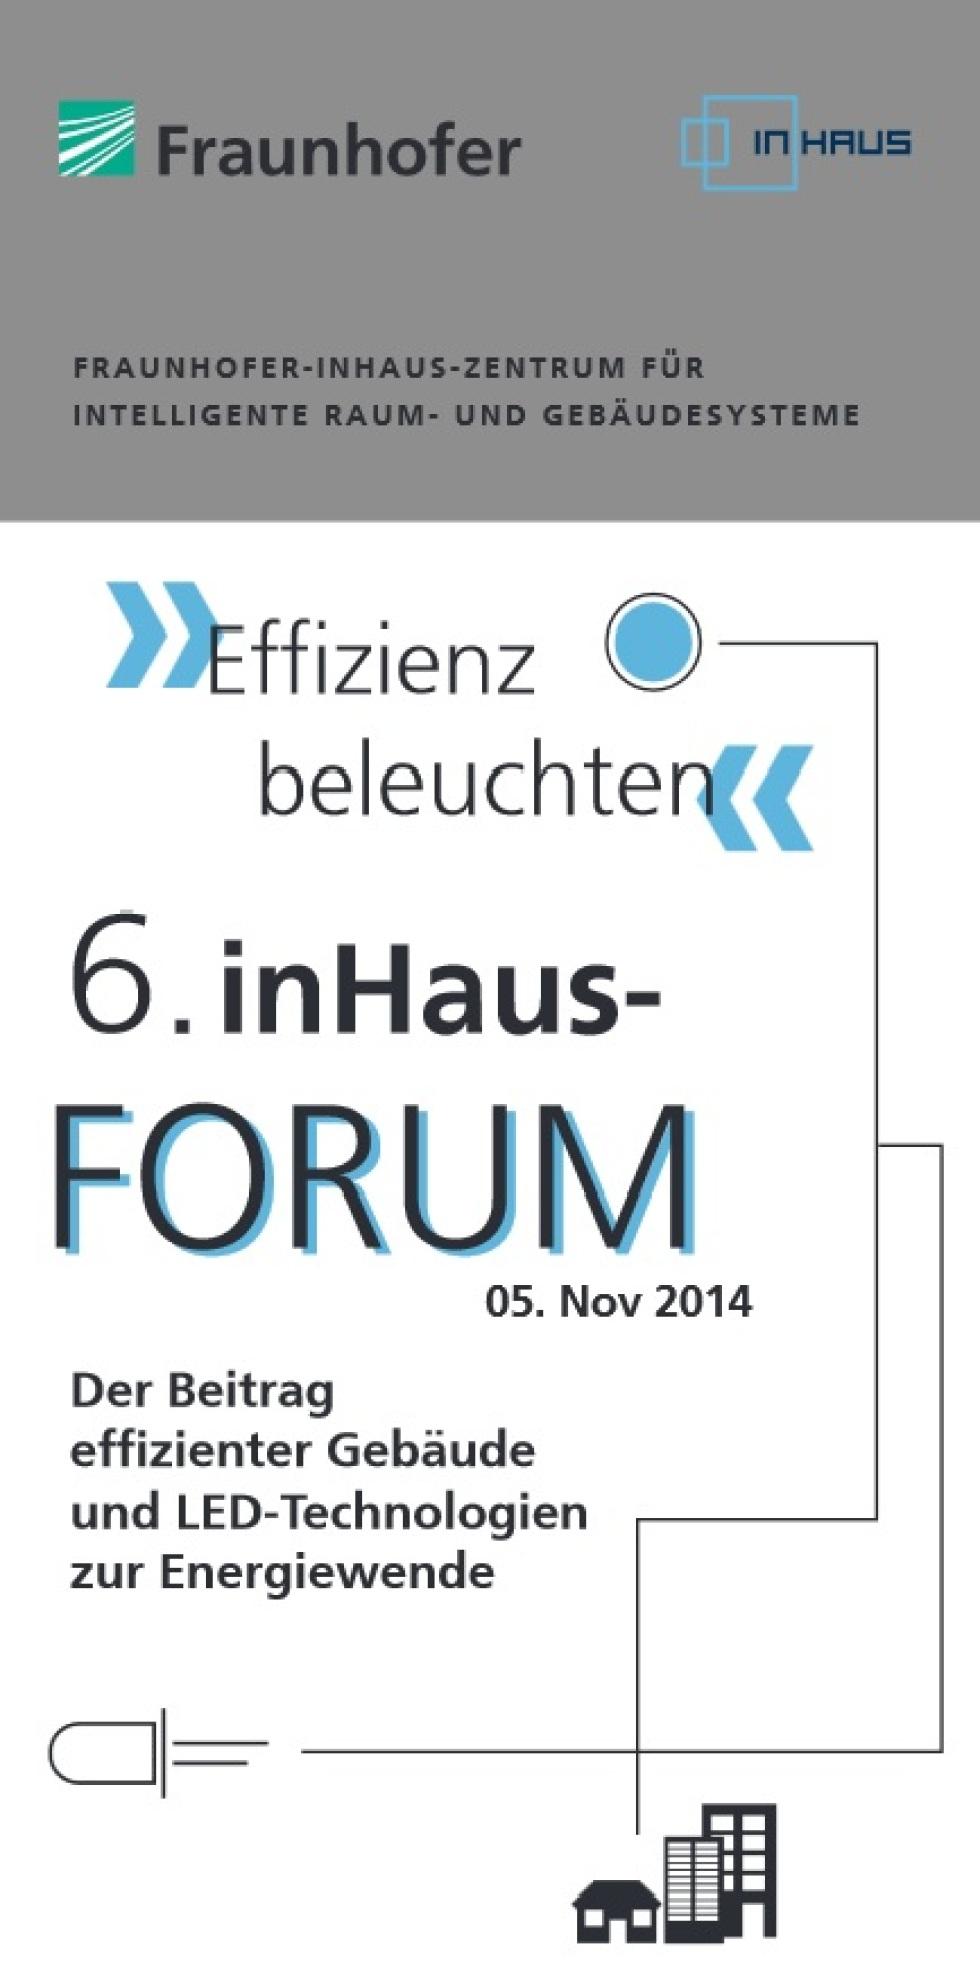 6. inHaus-Forum »Effizienz beleuchten«